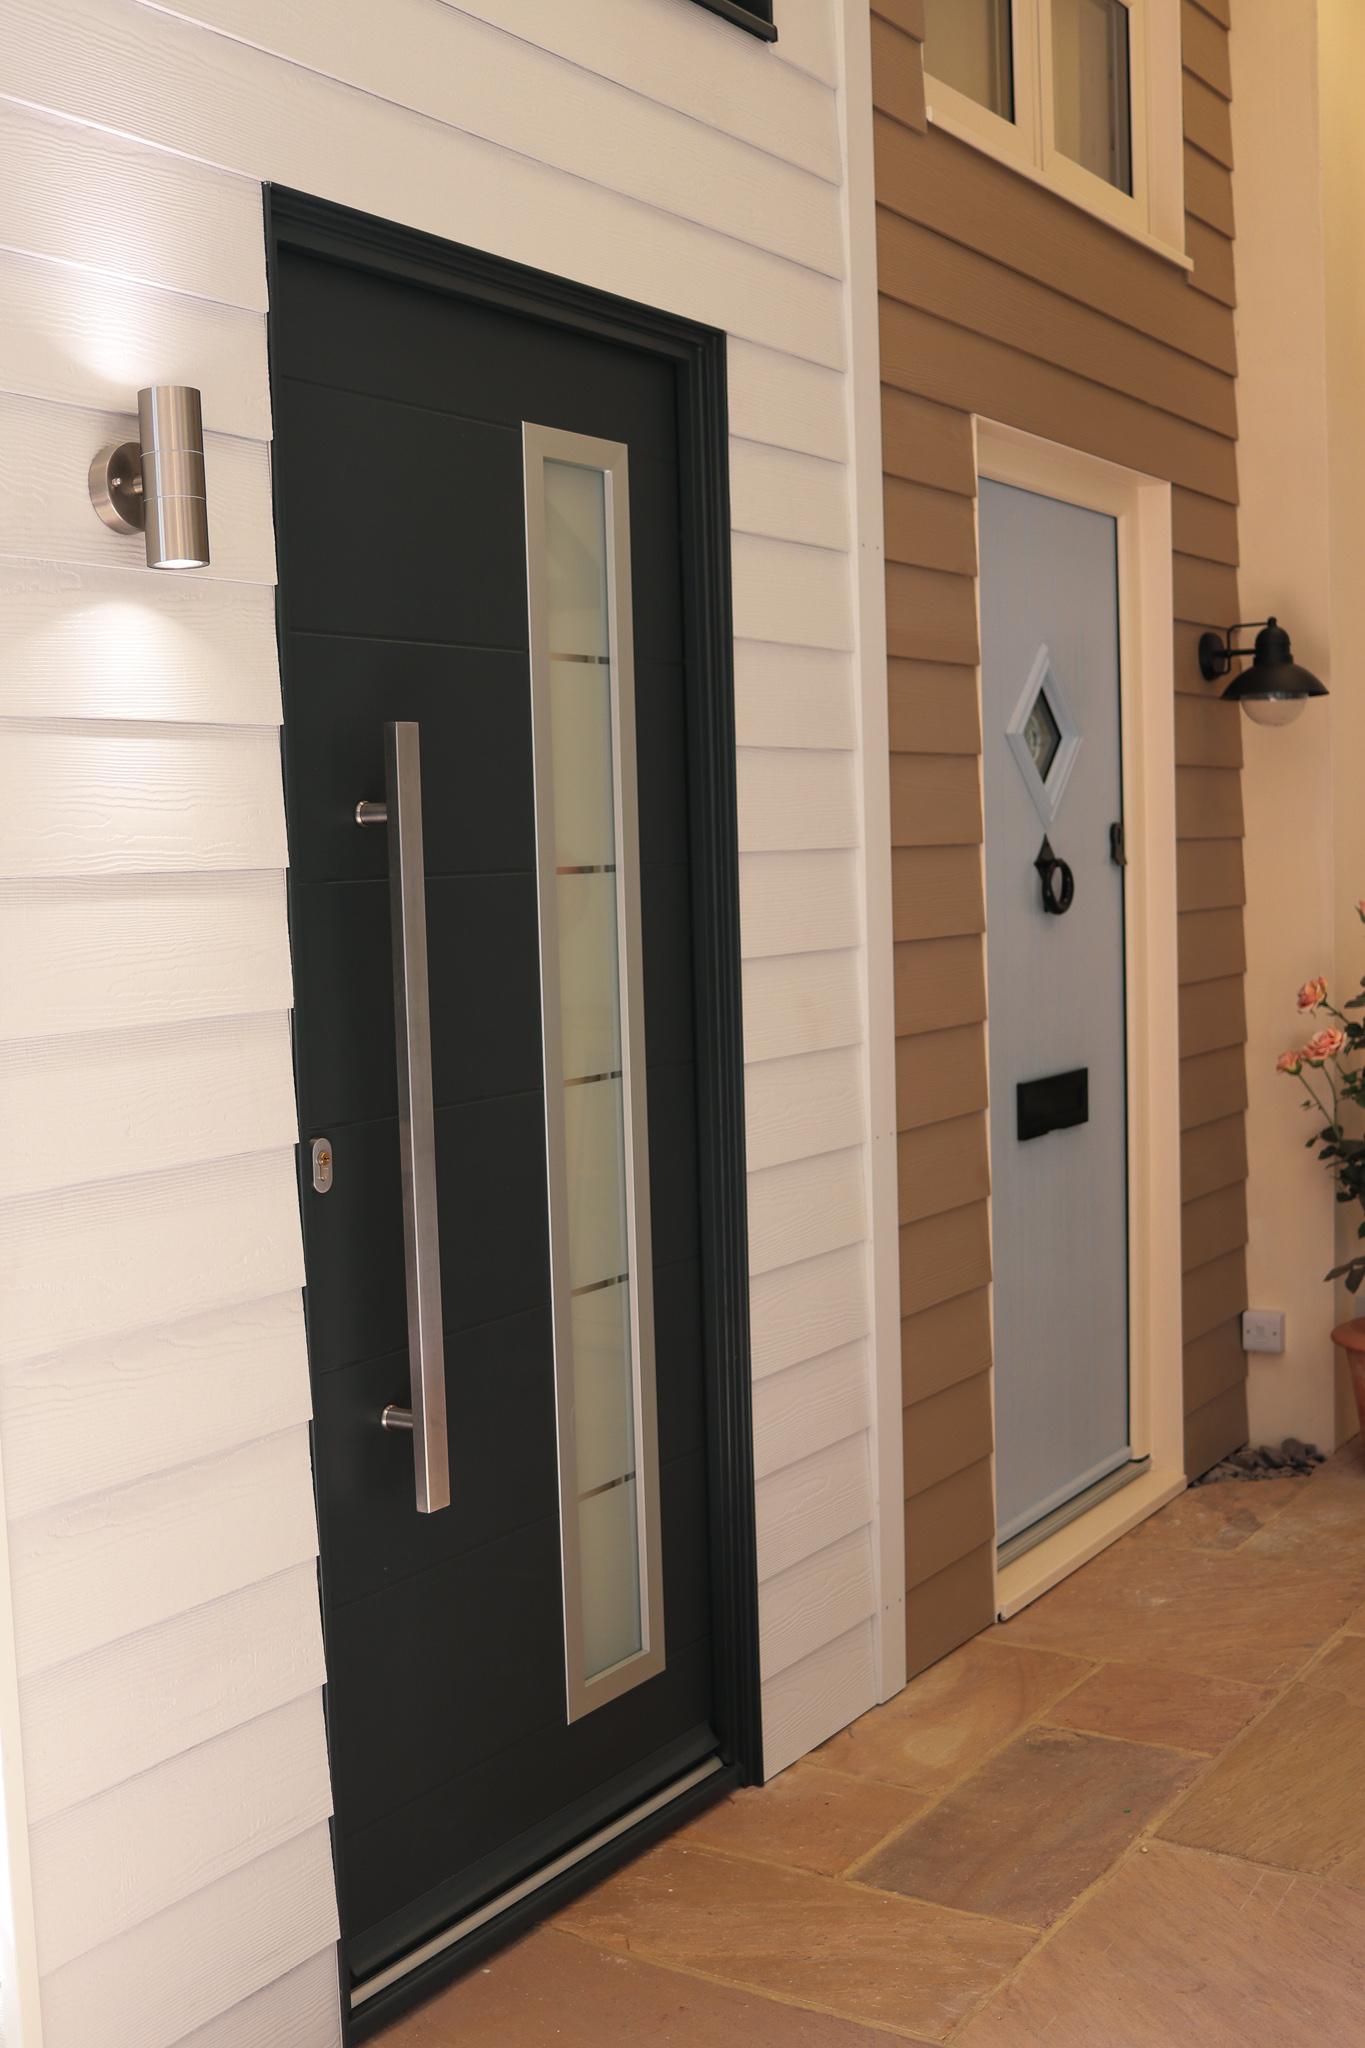 View of front door examples.